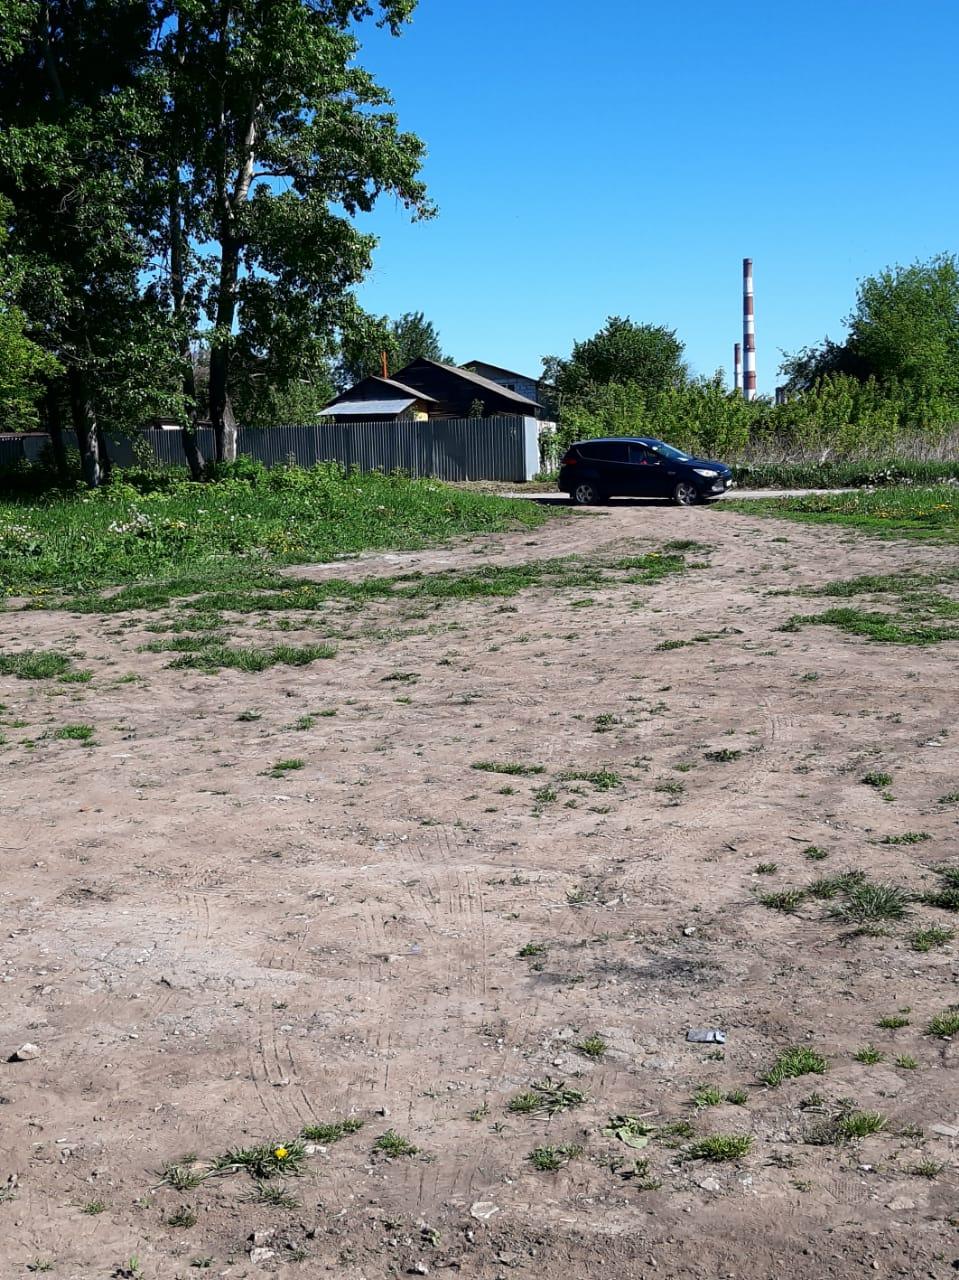 Обустройство детской площадки по улице Советская в районе д.2а г. Советск Щекинского района